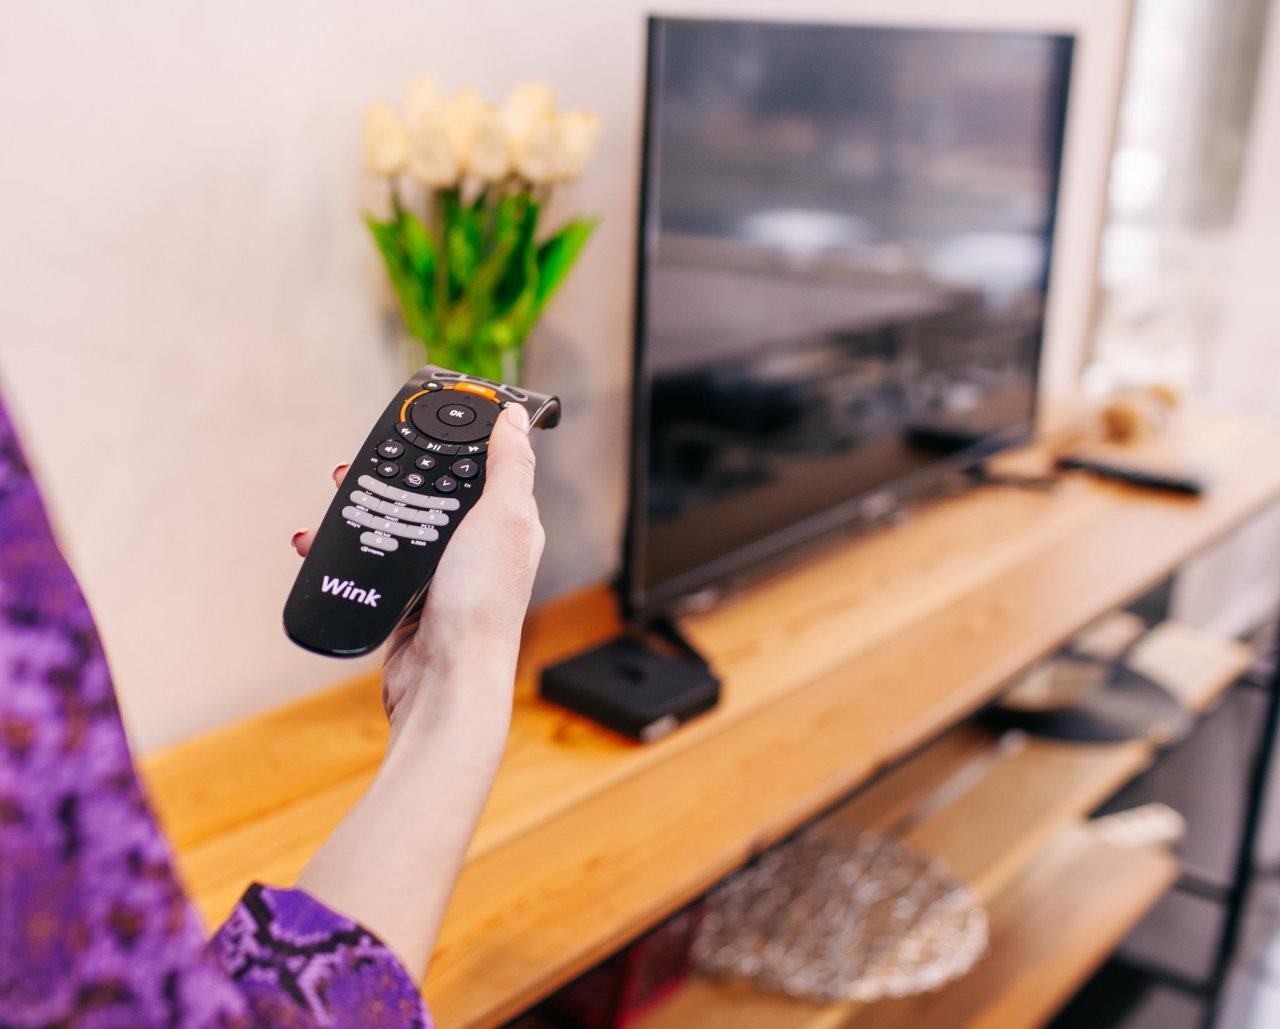 Красивая цена: «Ростелеком» предлагает астраханцам домашний интернет, телевидение и видеосервис Wink за 333 рубля в месяц